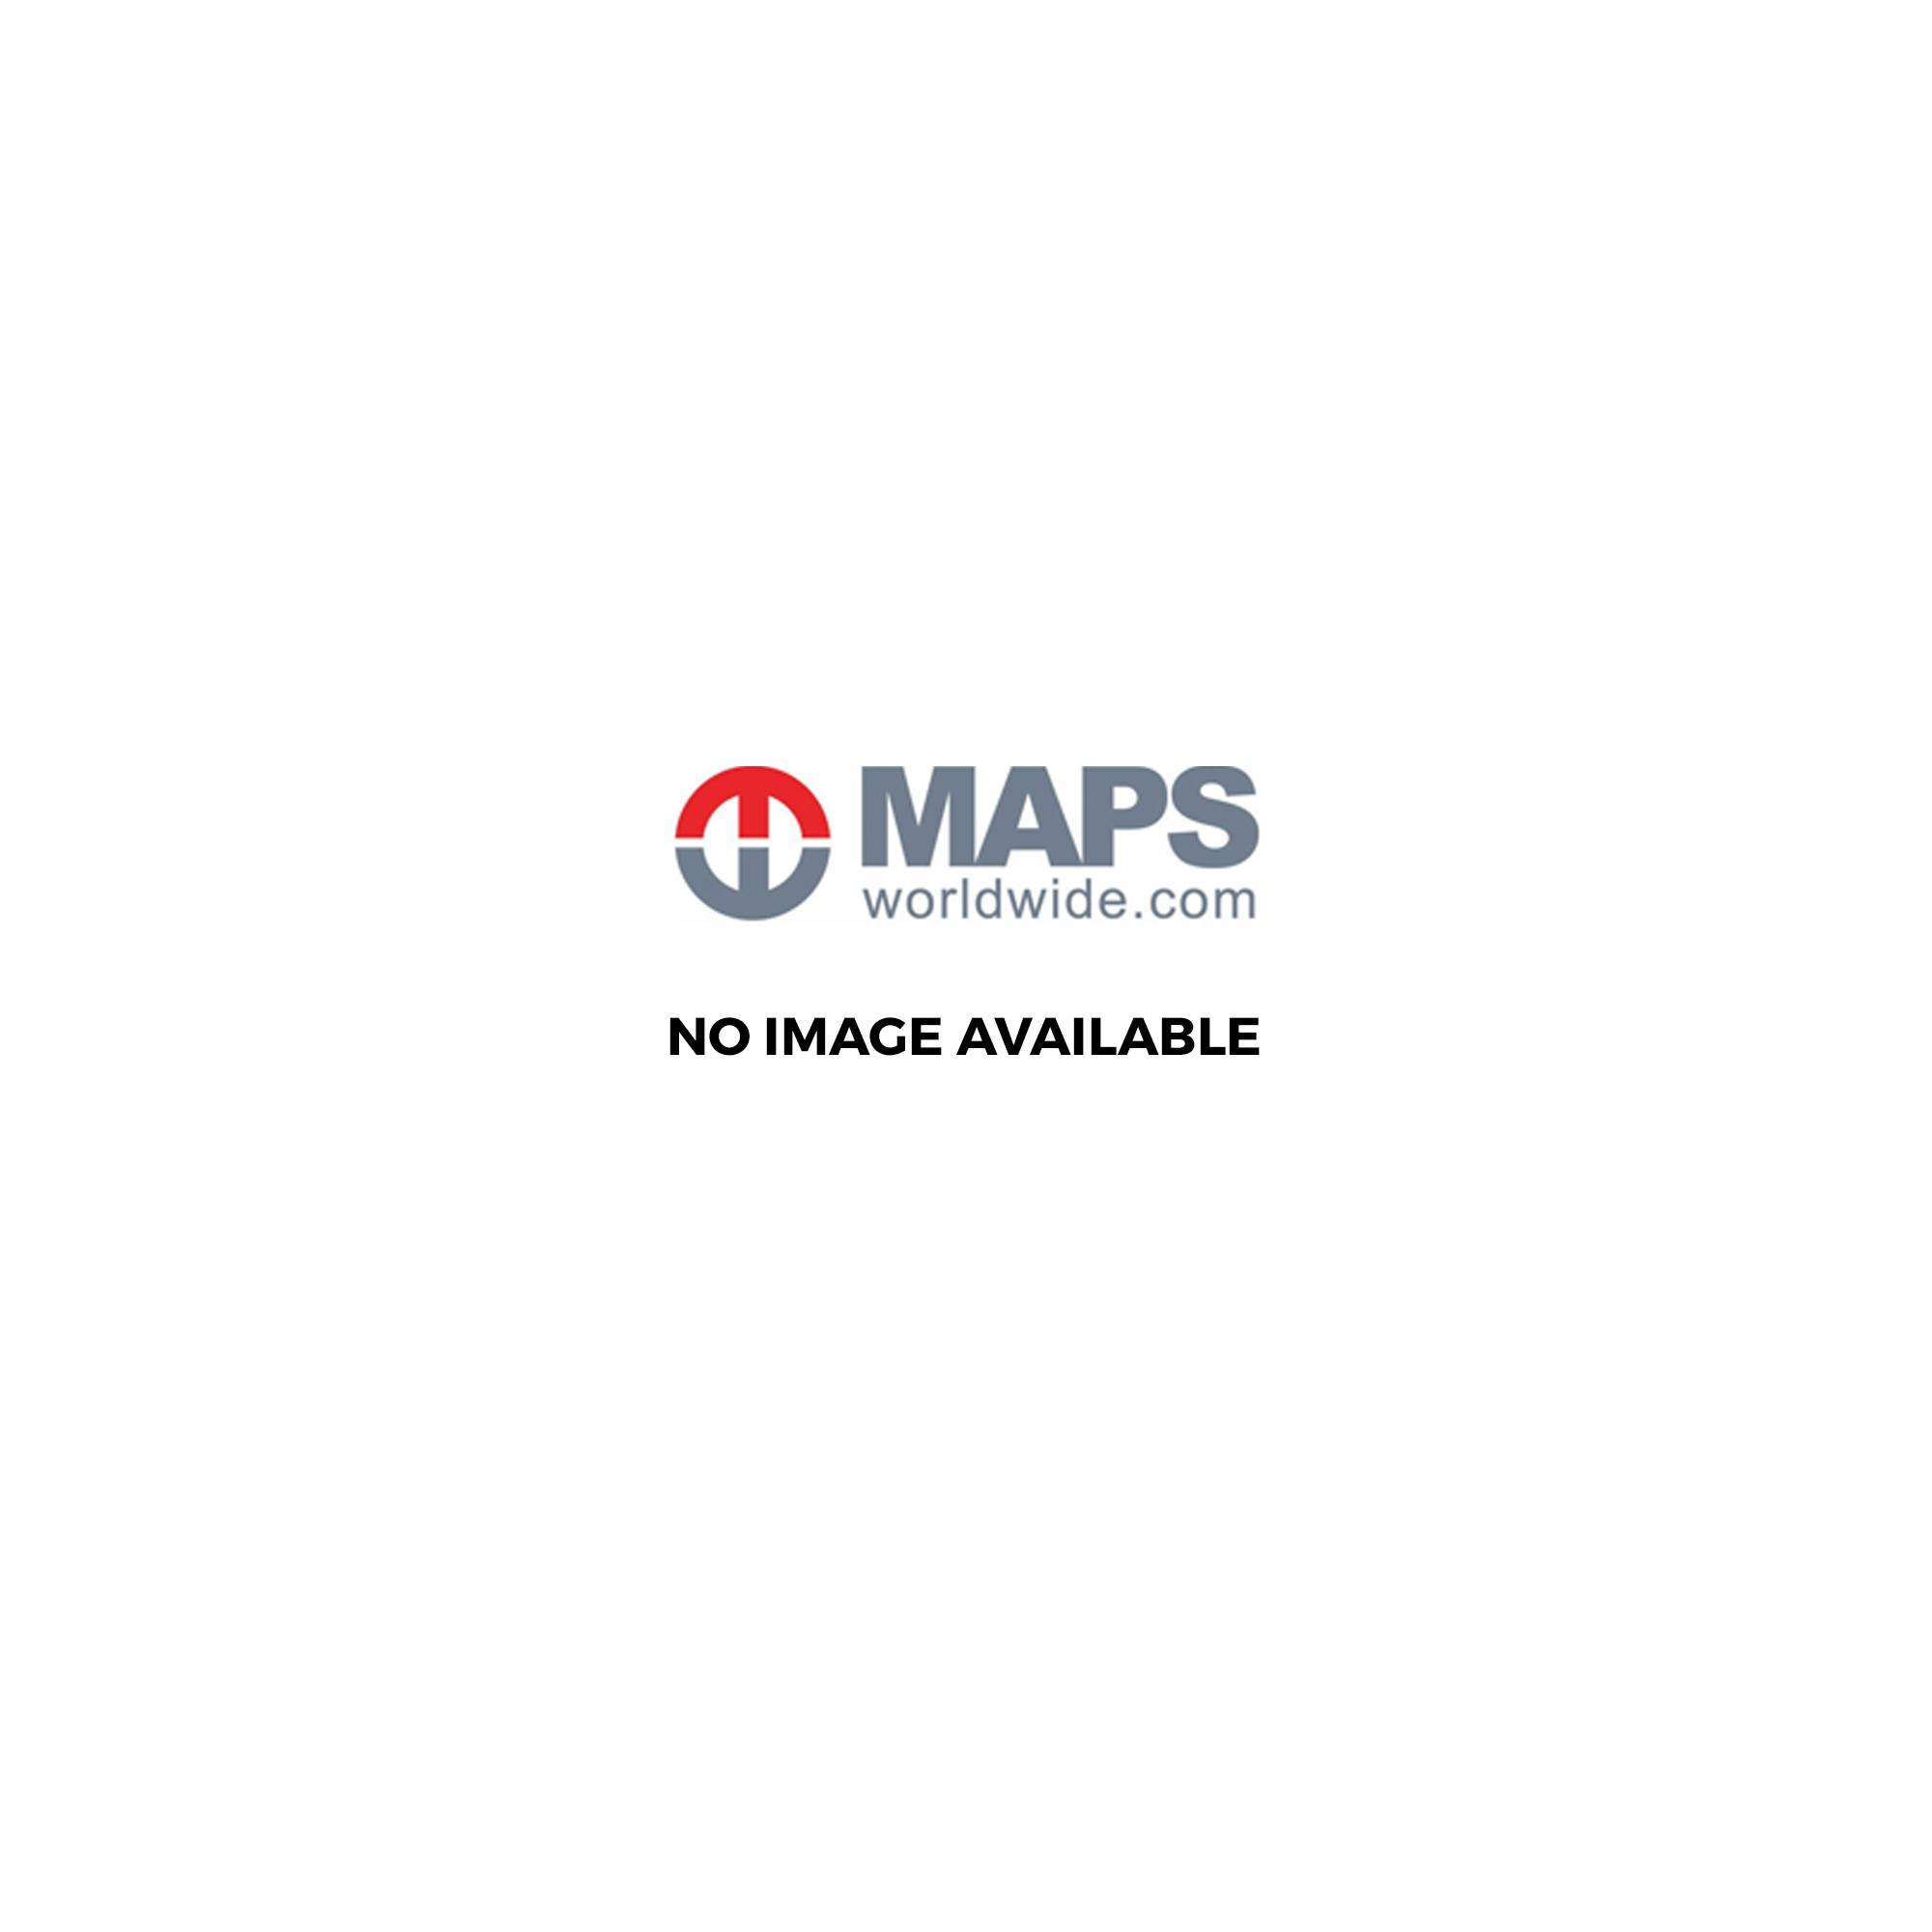 Street Map Of London Uk.A Z Maps Uk Street Maps Road Maps Atlases Maps Worldwide